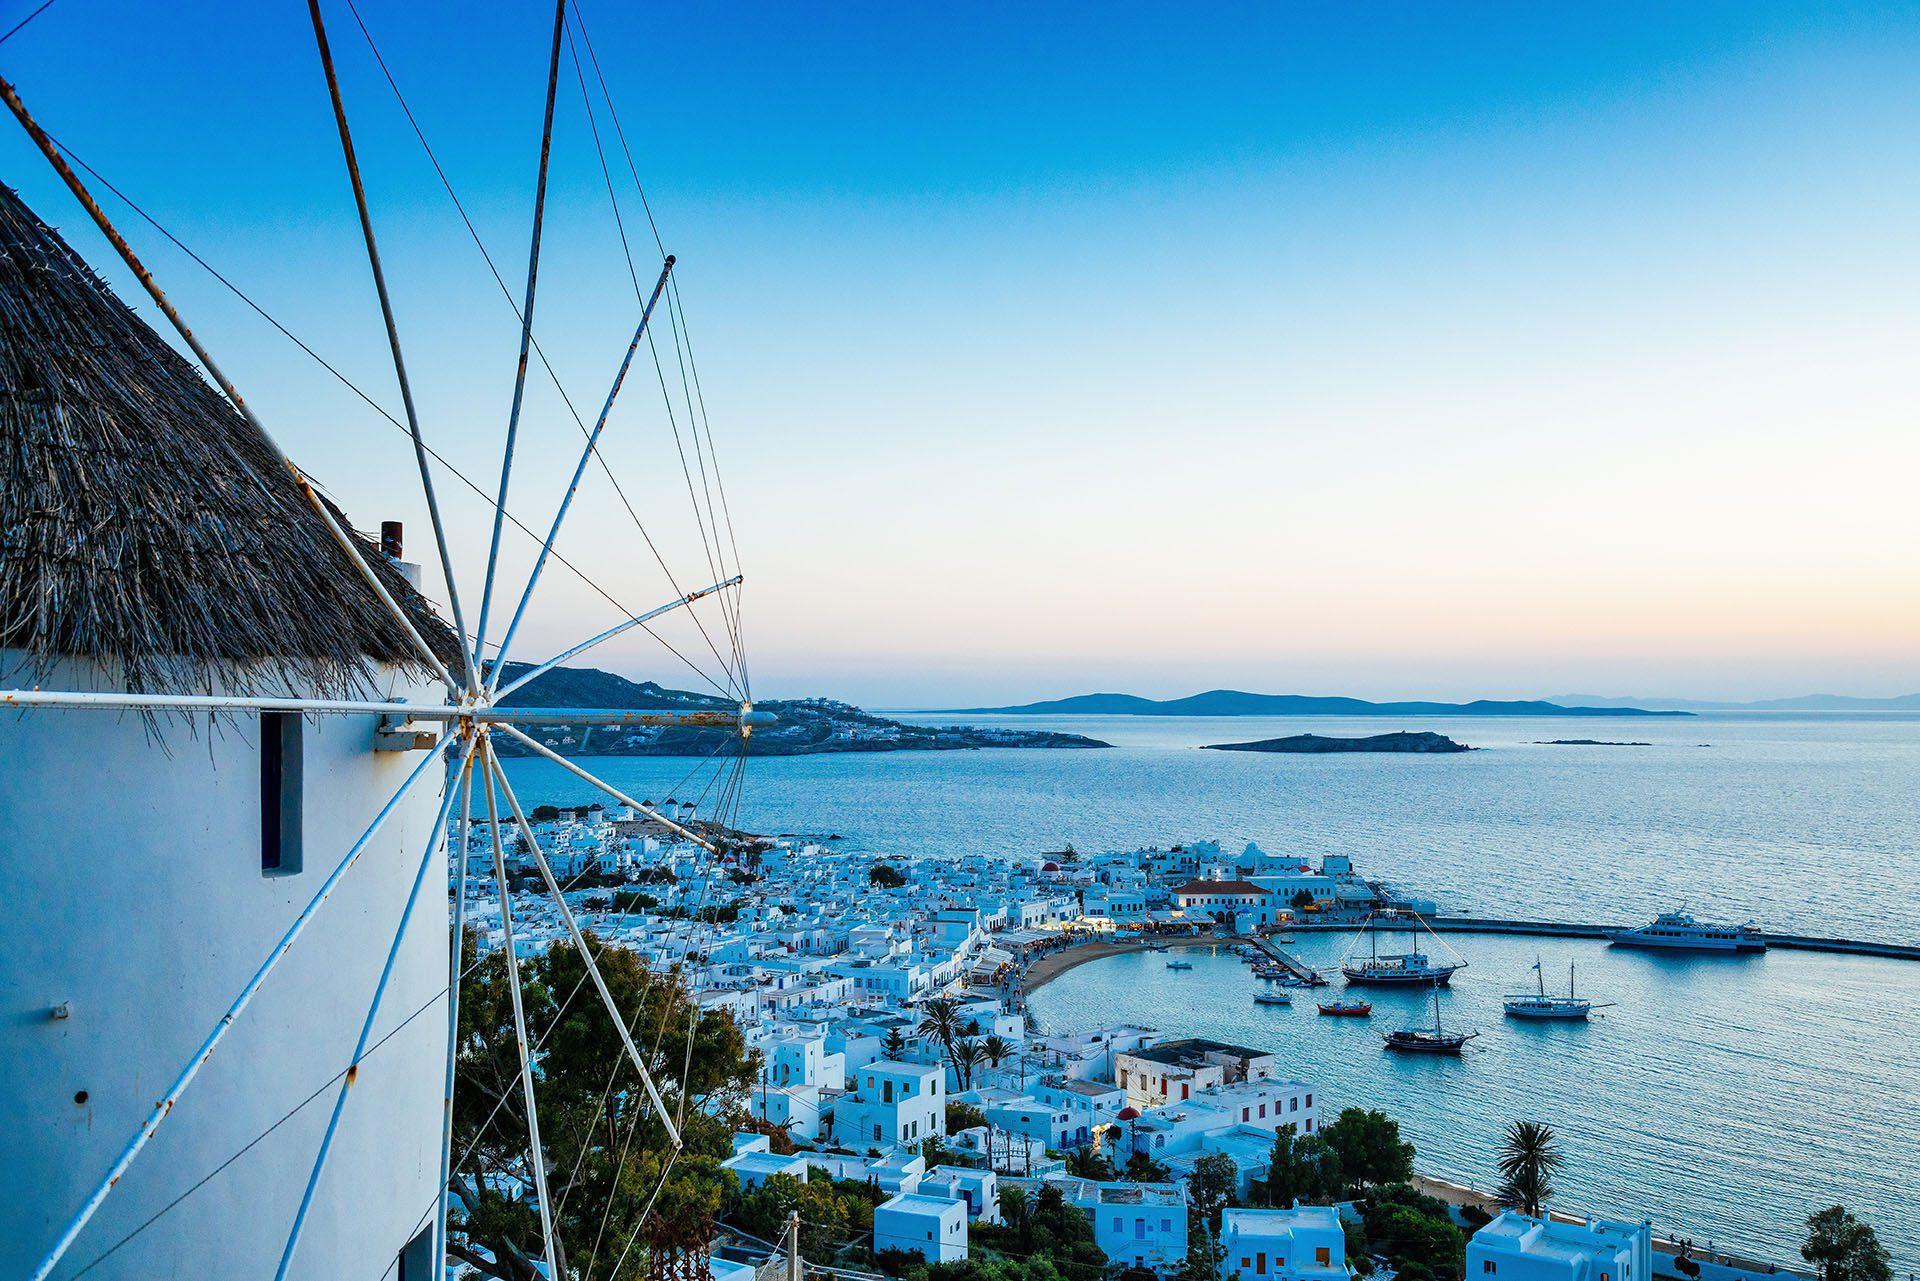 Visite gay de Mykonos